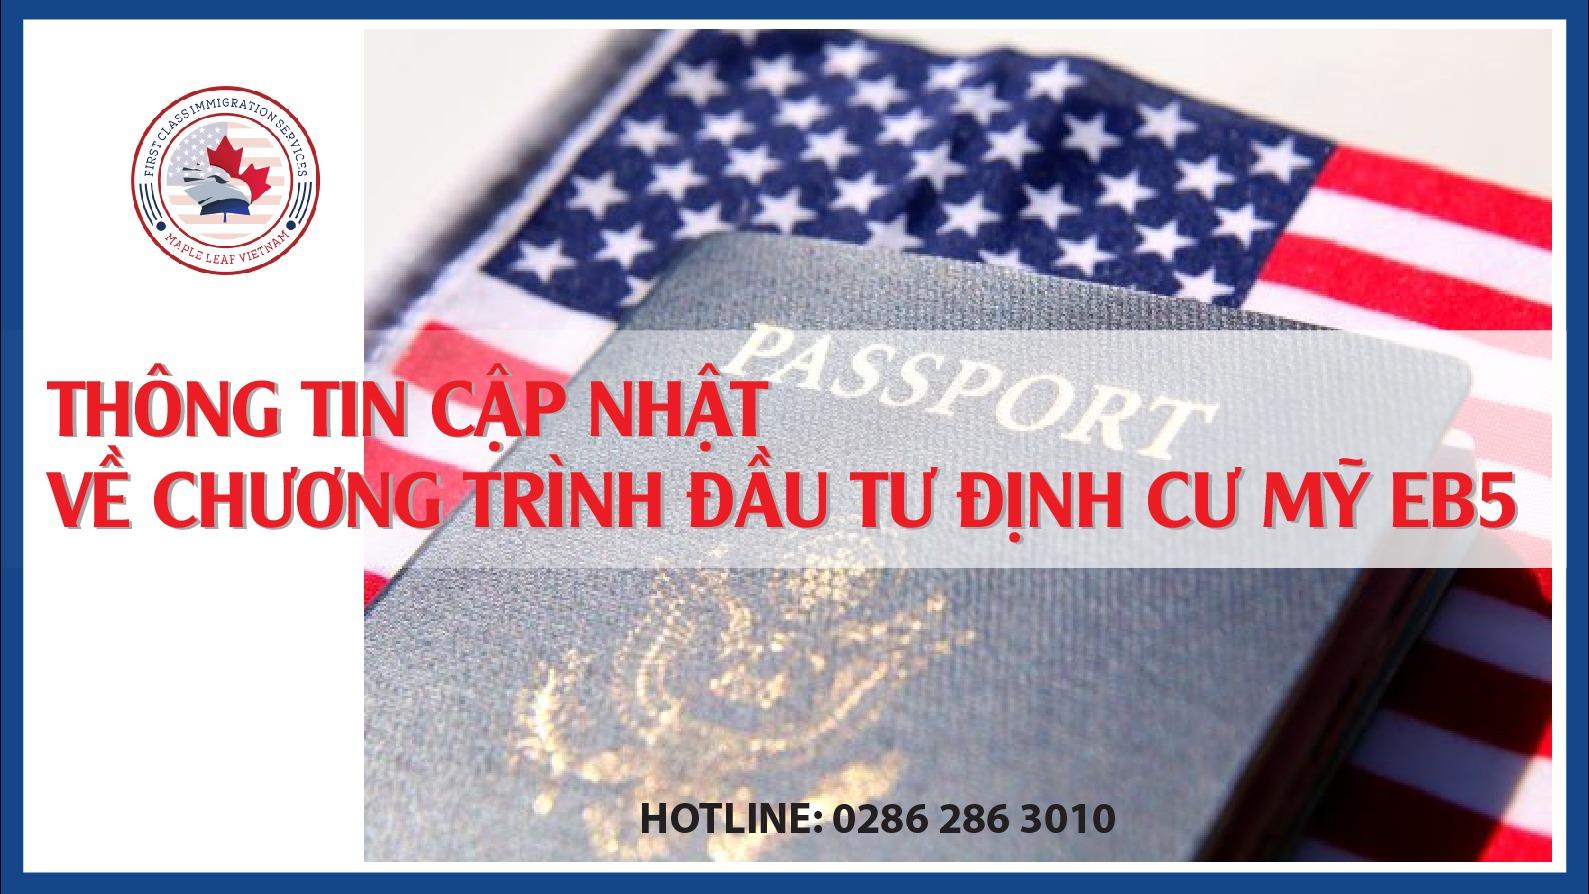 thong-tin-cap-nhat-ve-chuong-trinh-dau-tu-dinh-cu-my-eb5